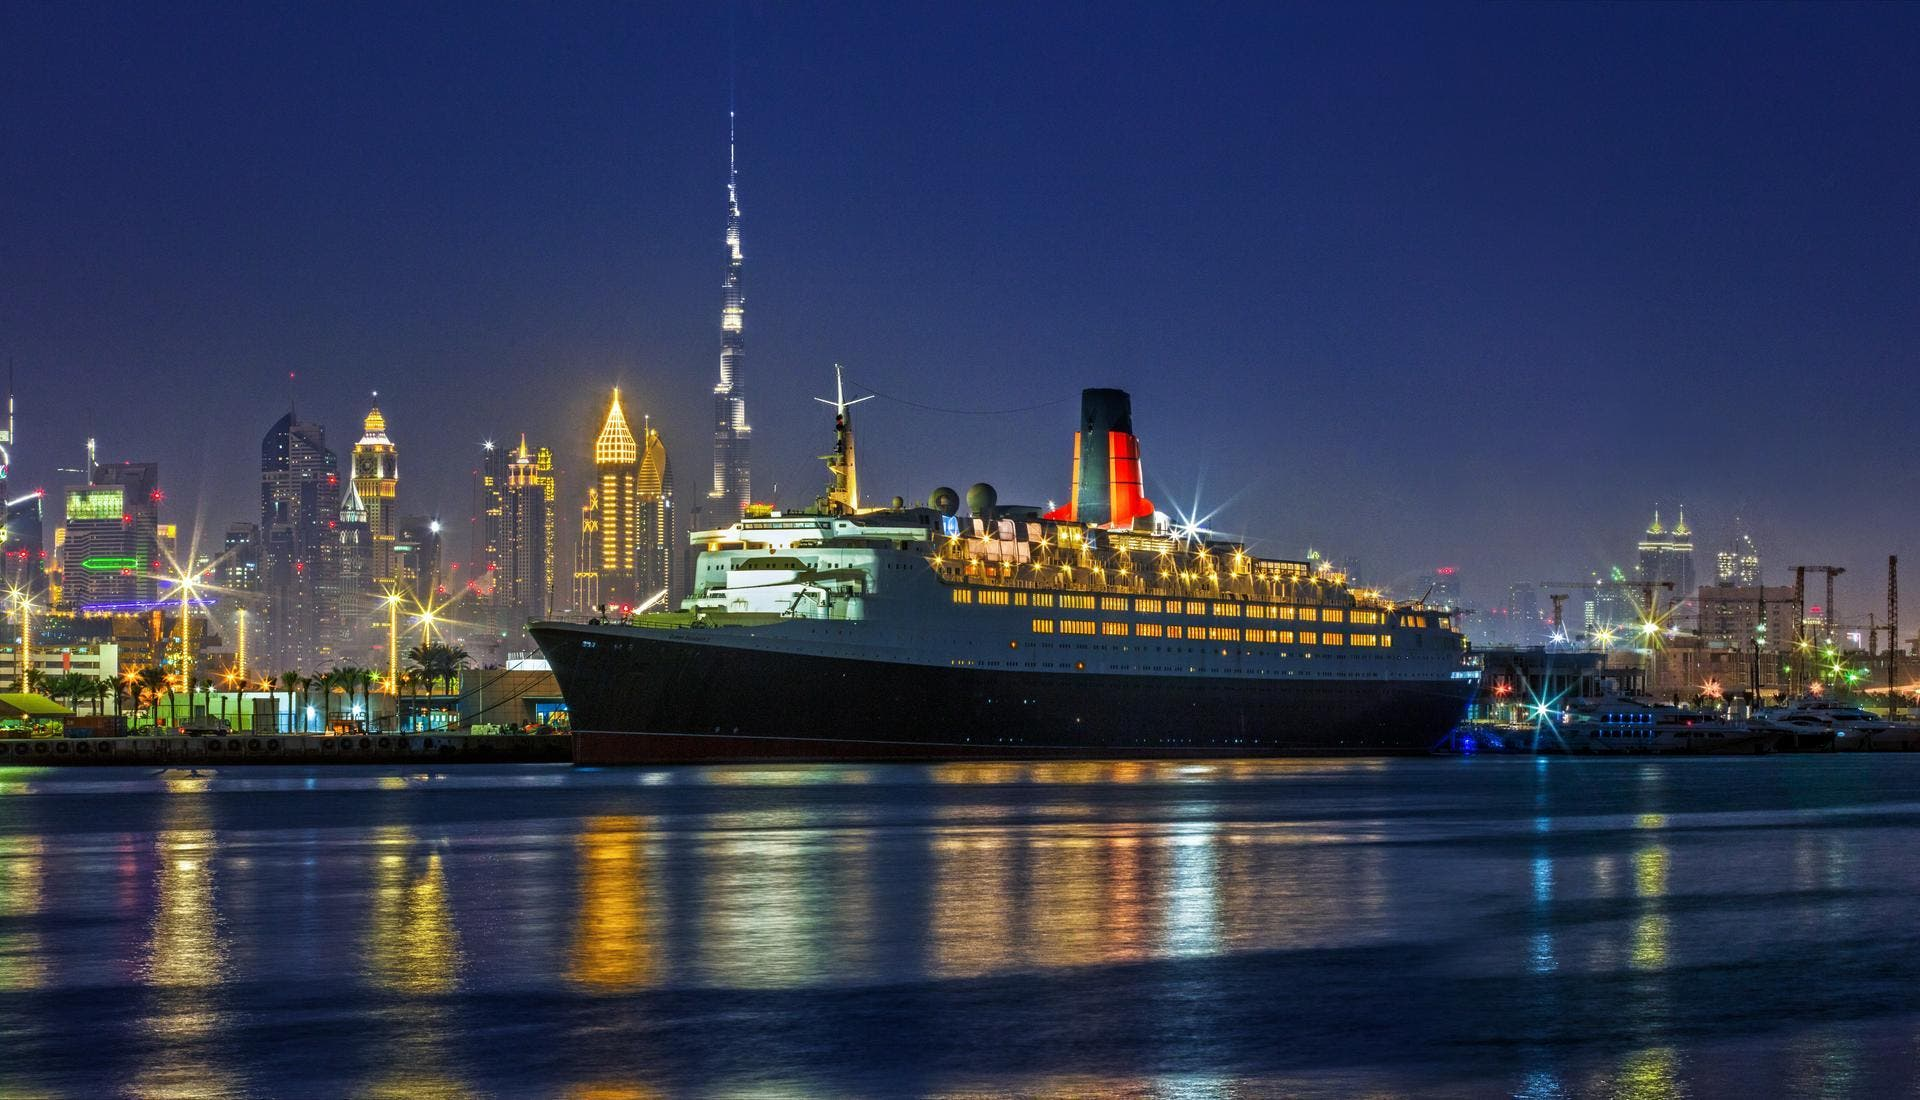 في دبي... نظرة على فندق سفينة الملكة إليزابيث (صور)   البوابة